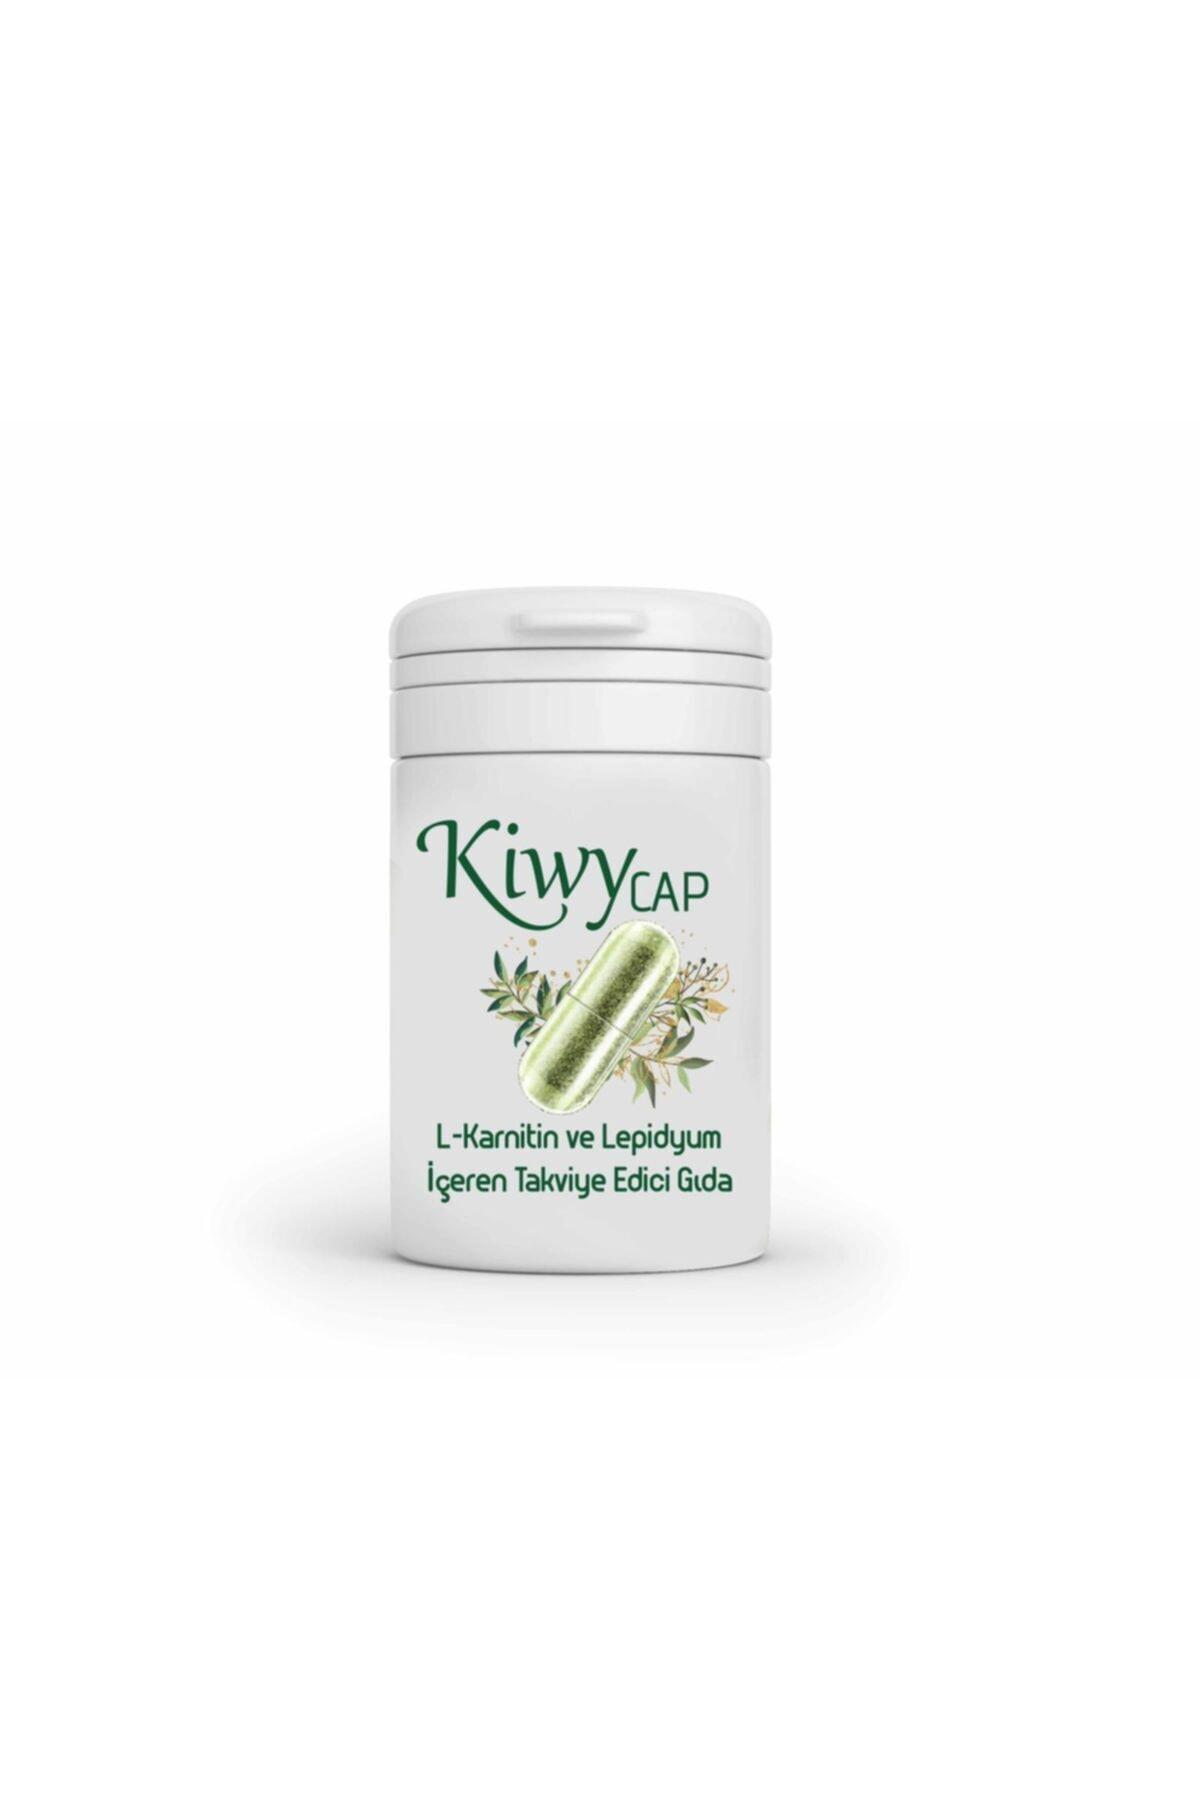 Kiwy Cap 30'lu Detox Kapsül 1 Aylık Detoks Capsule 1